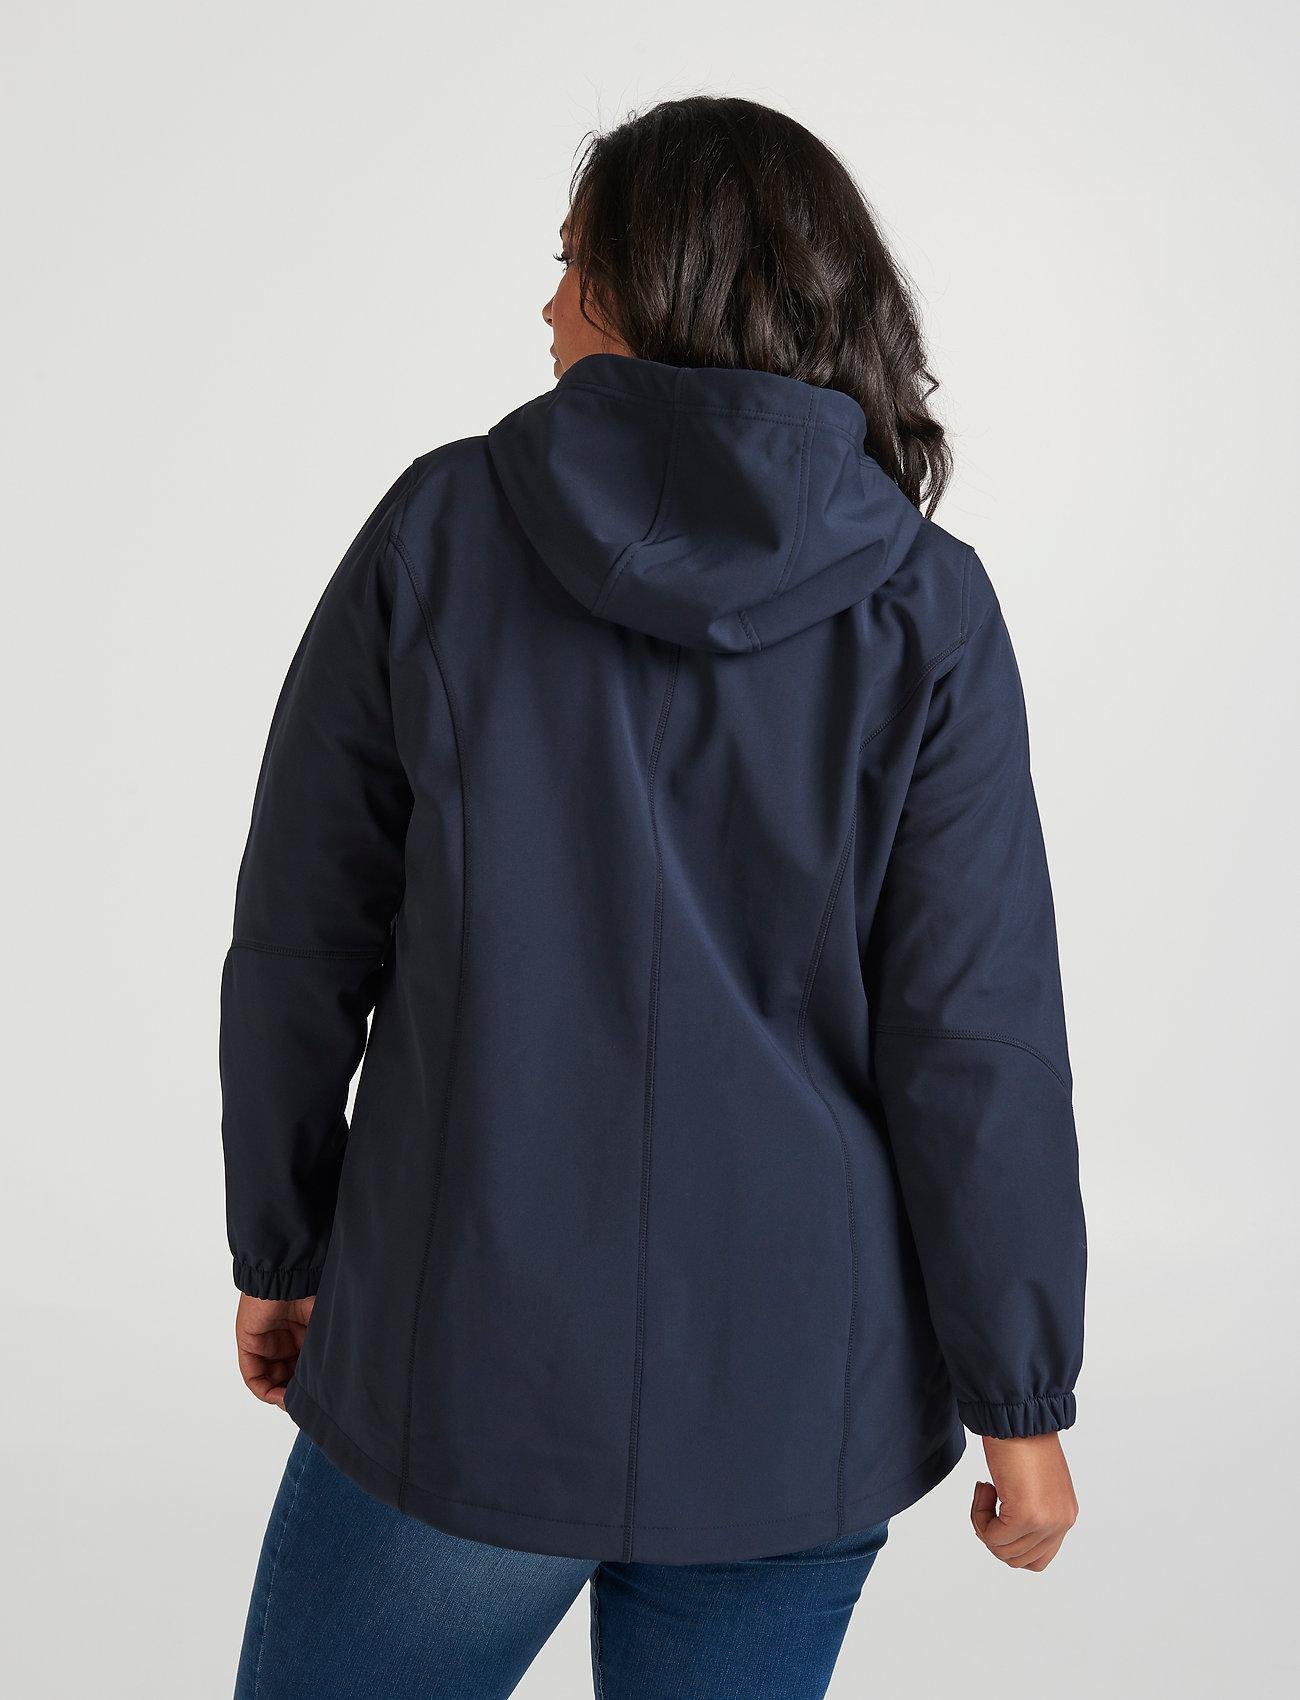 Zizzi Softshell - Jacken & Mäntel DARK BLUE - Damen Kleidung